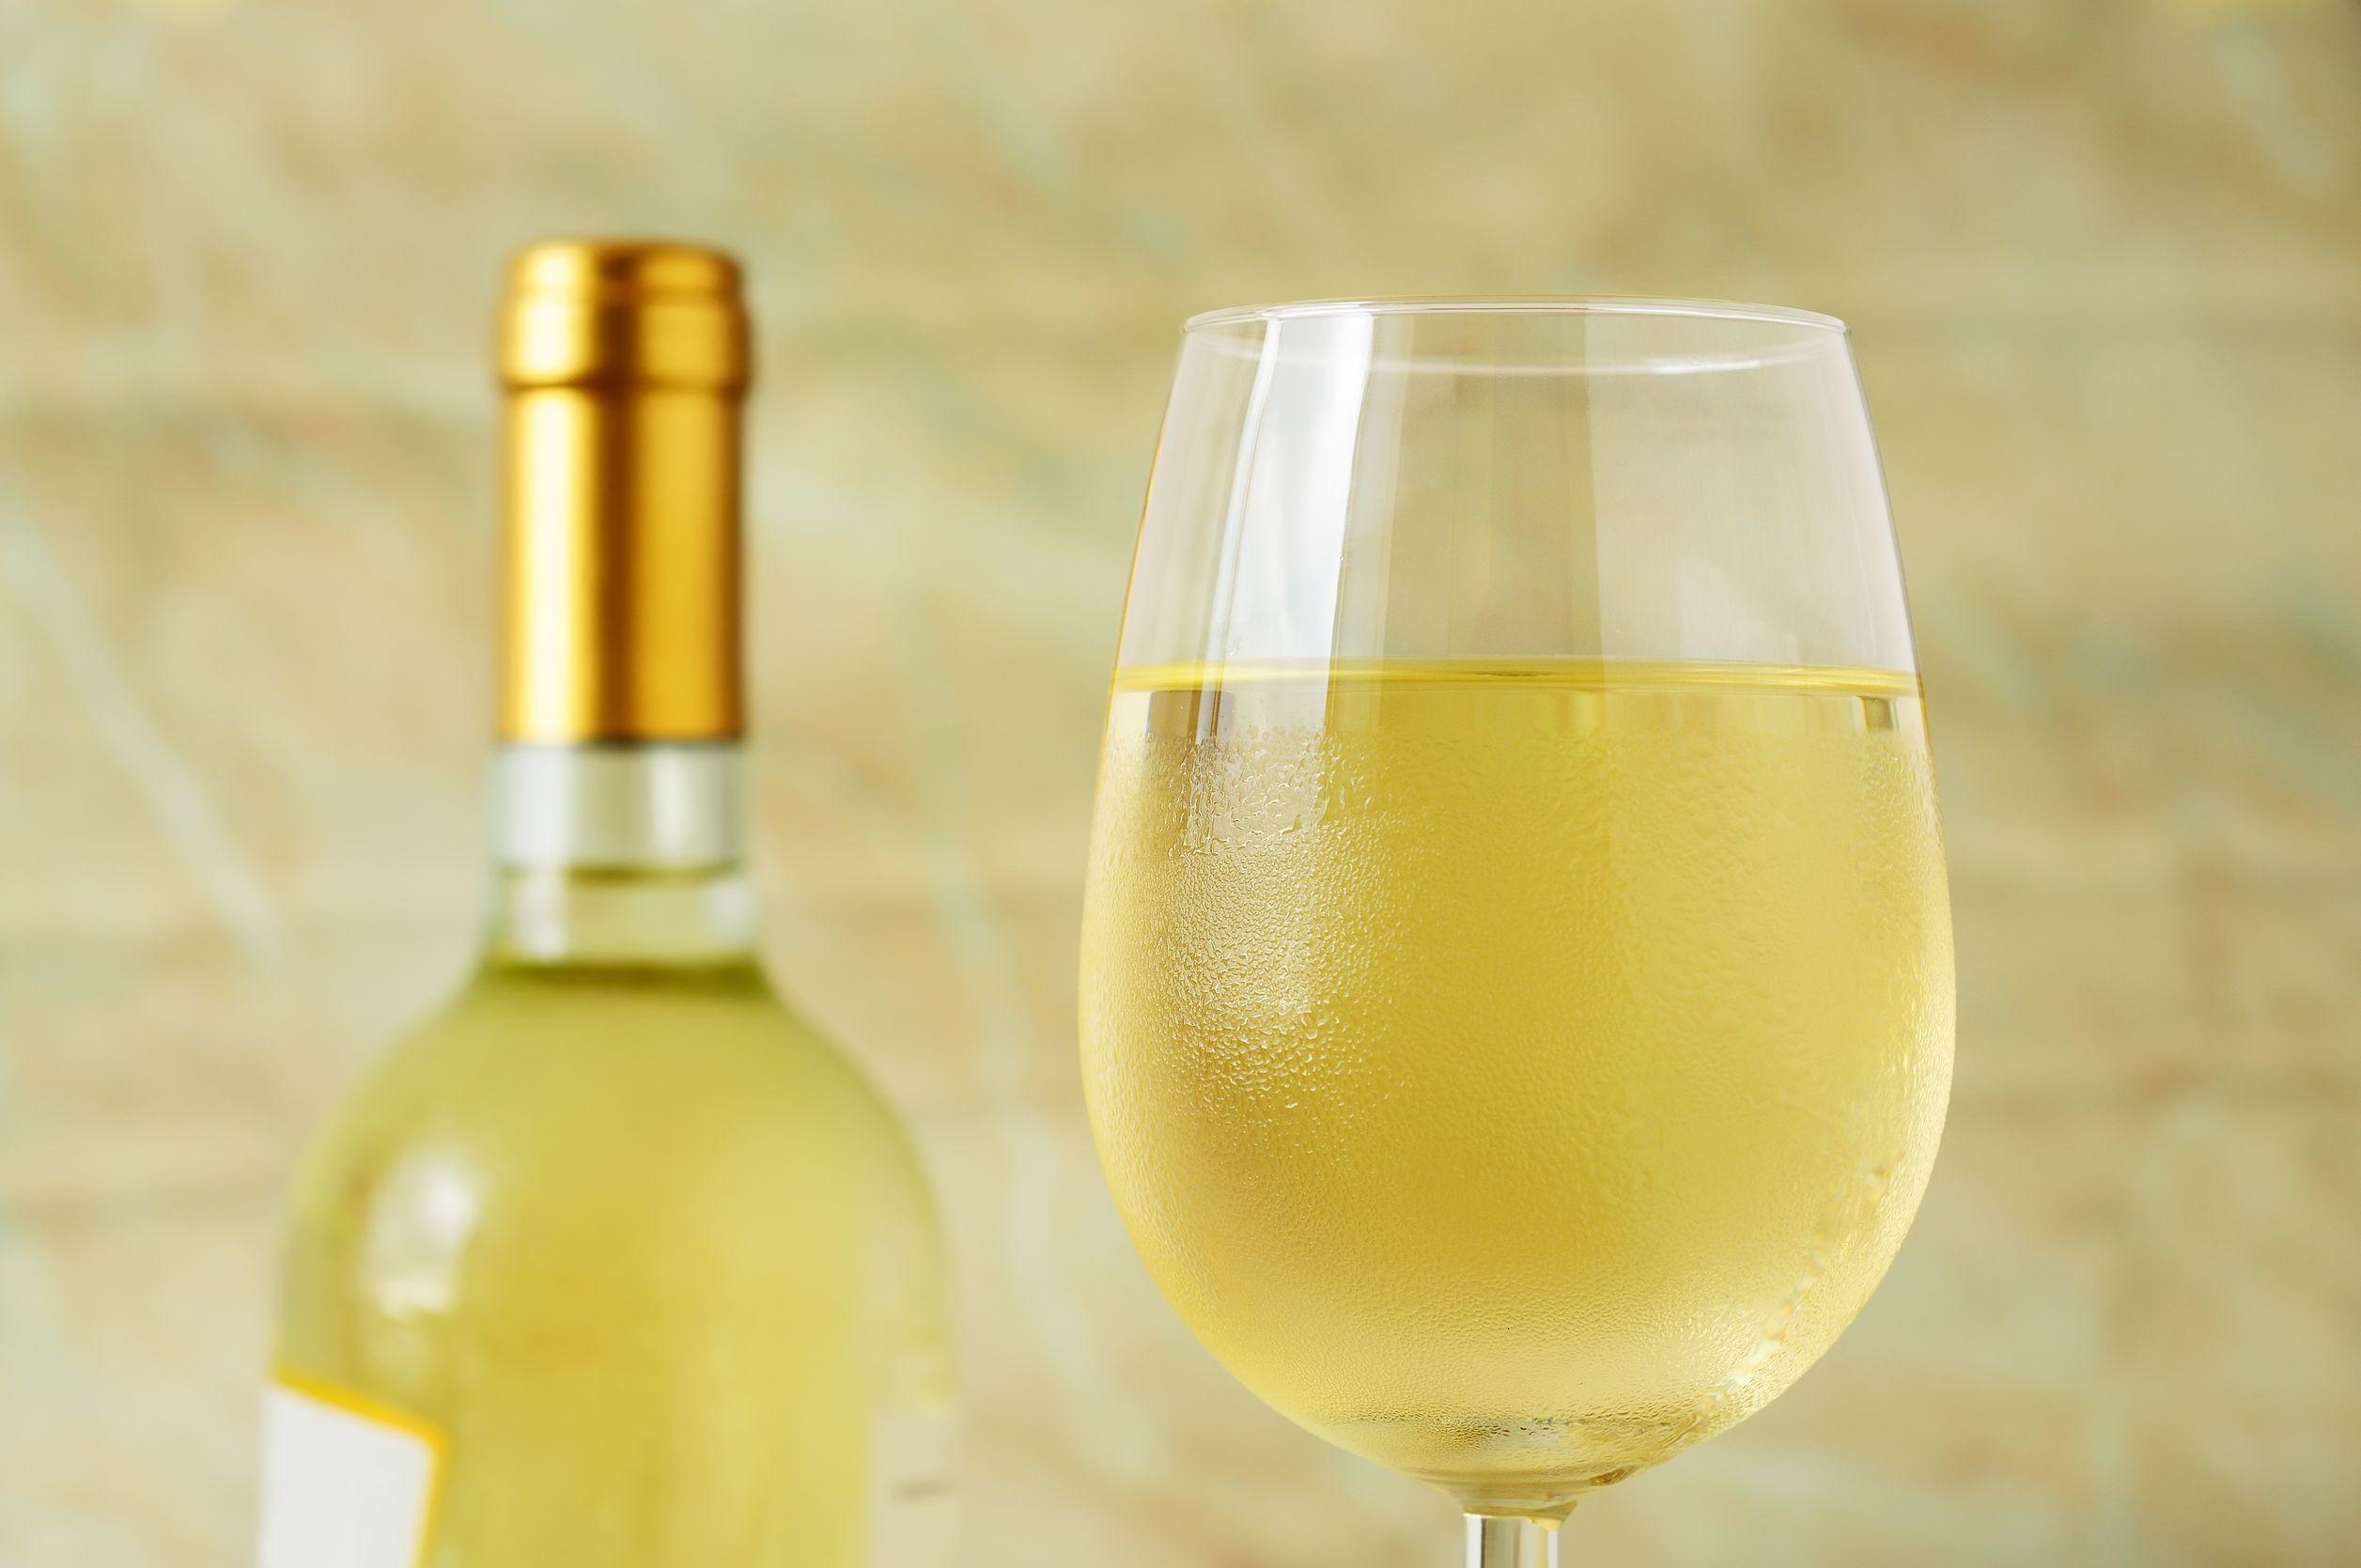 Restaurantul din România care asigură transport gratuit clienţilor ce vor să bea alcool la cină